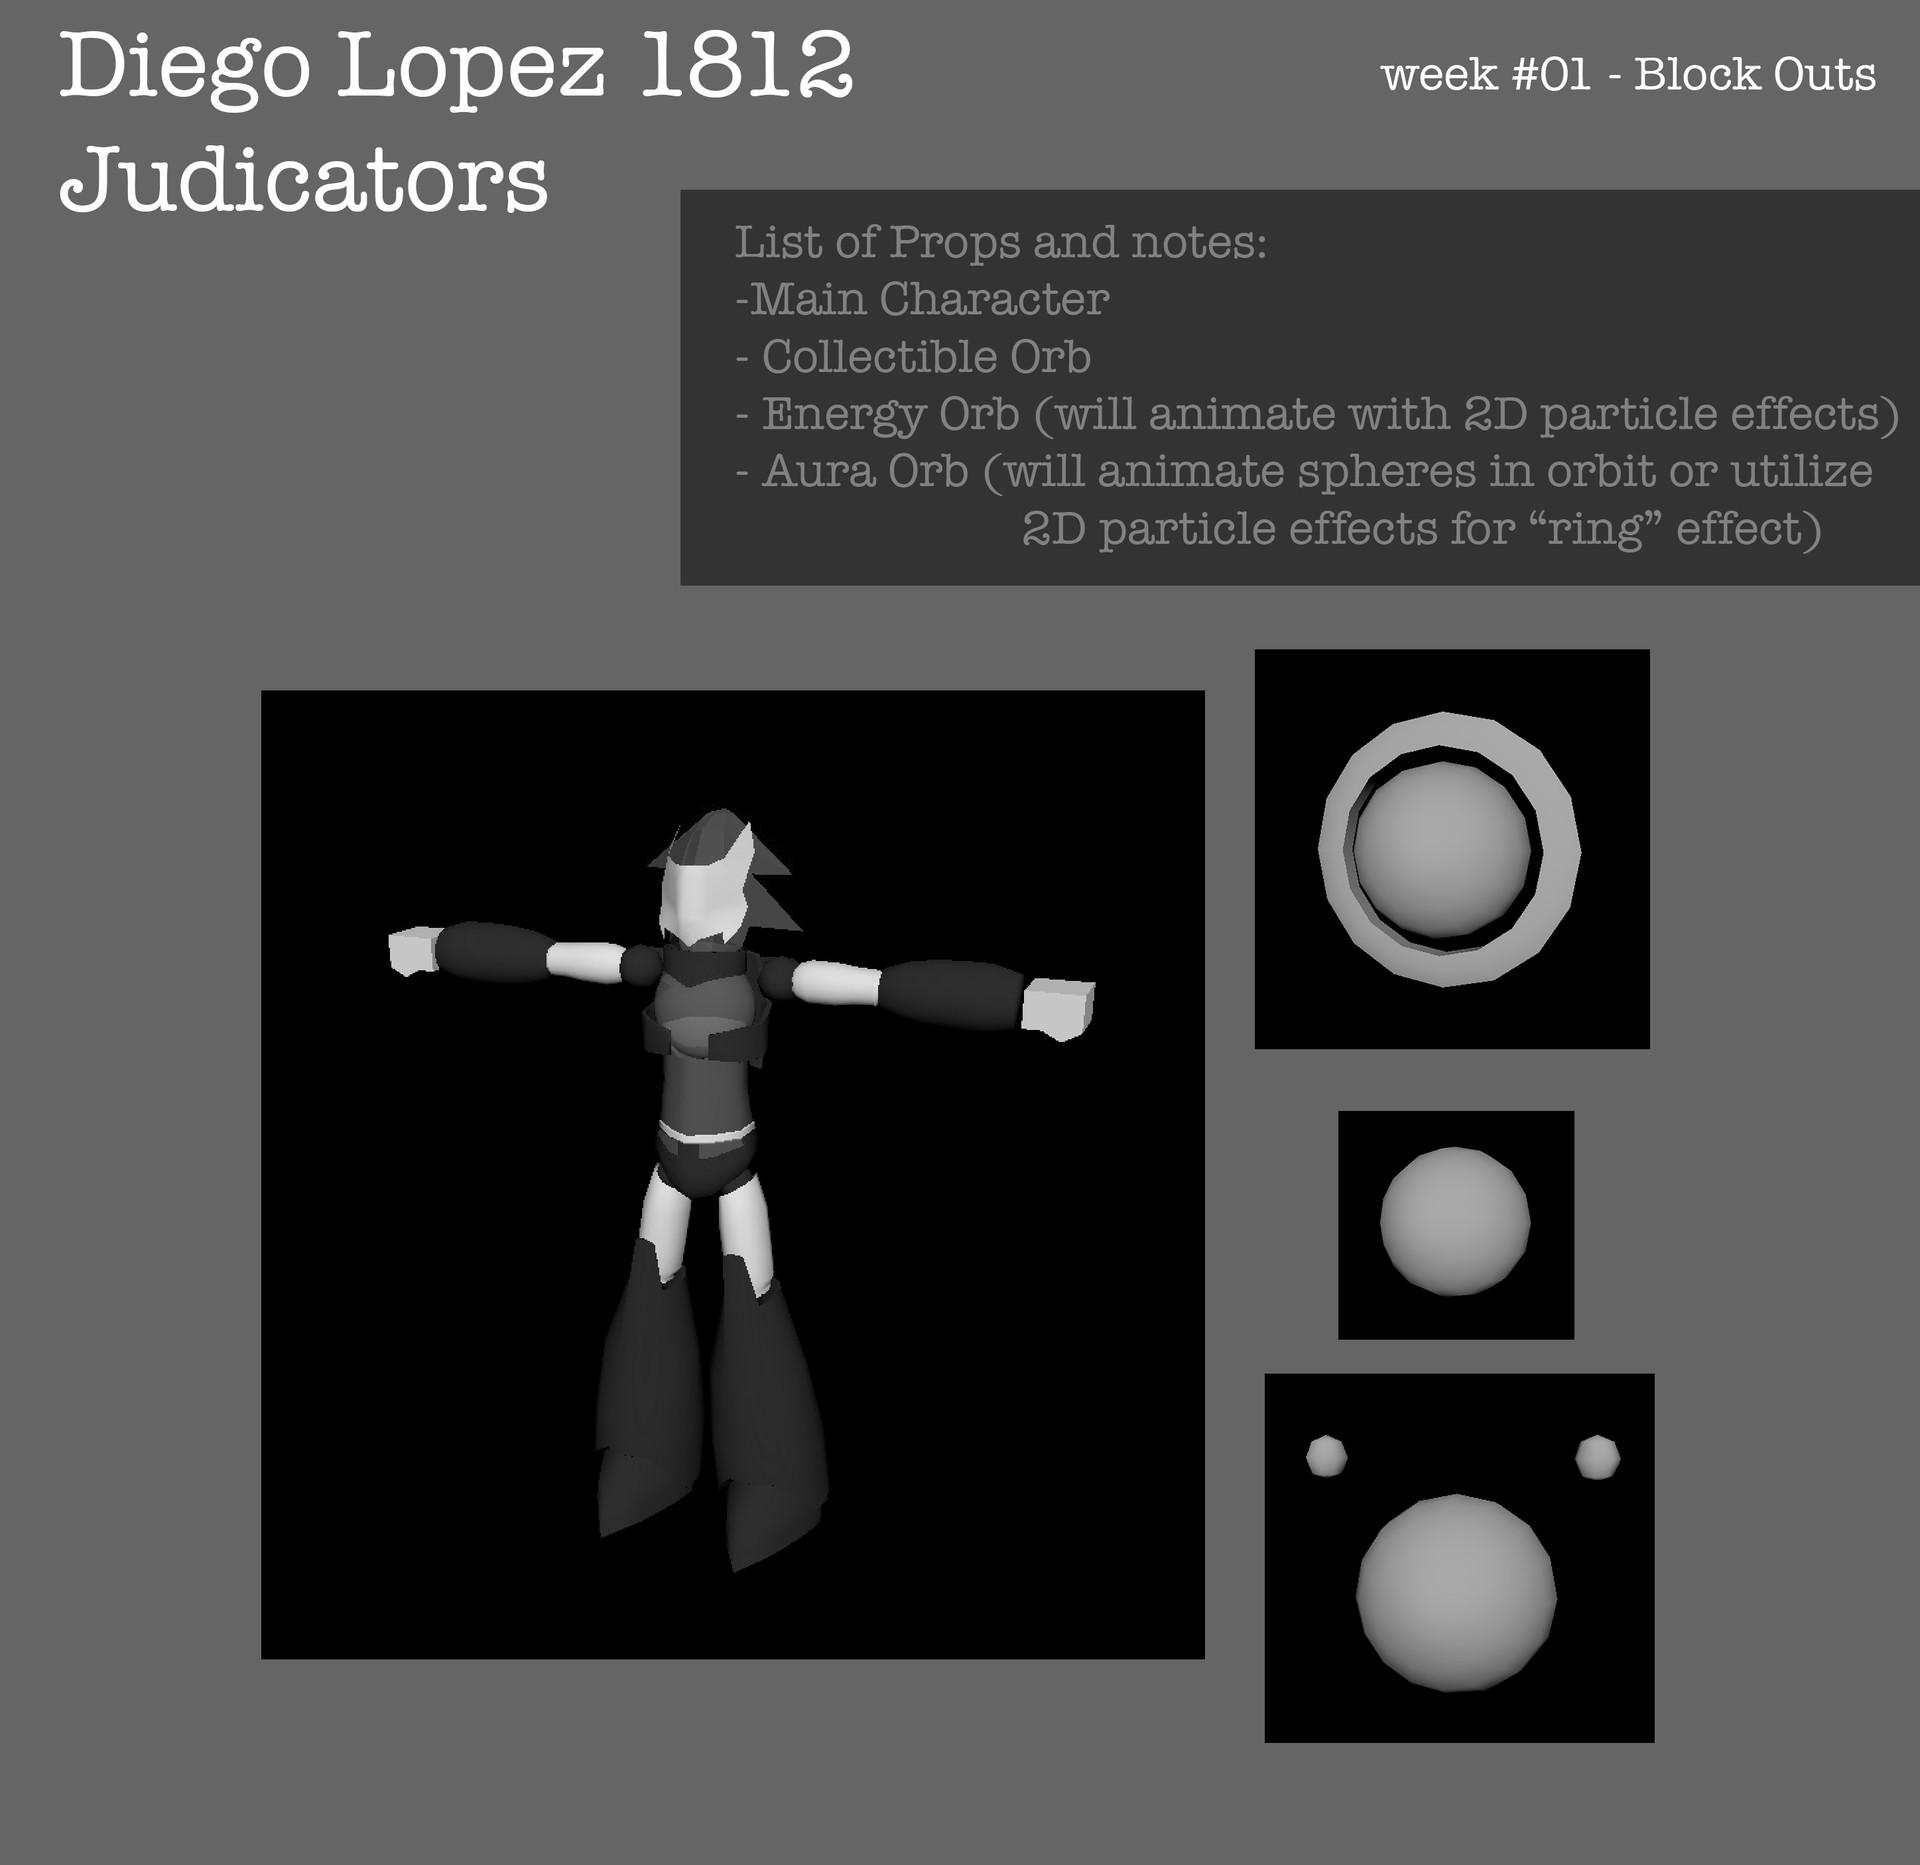 Diego sebastian reid lopez lopezd 1812 judicators week1